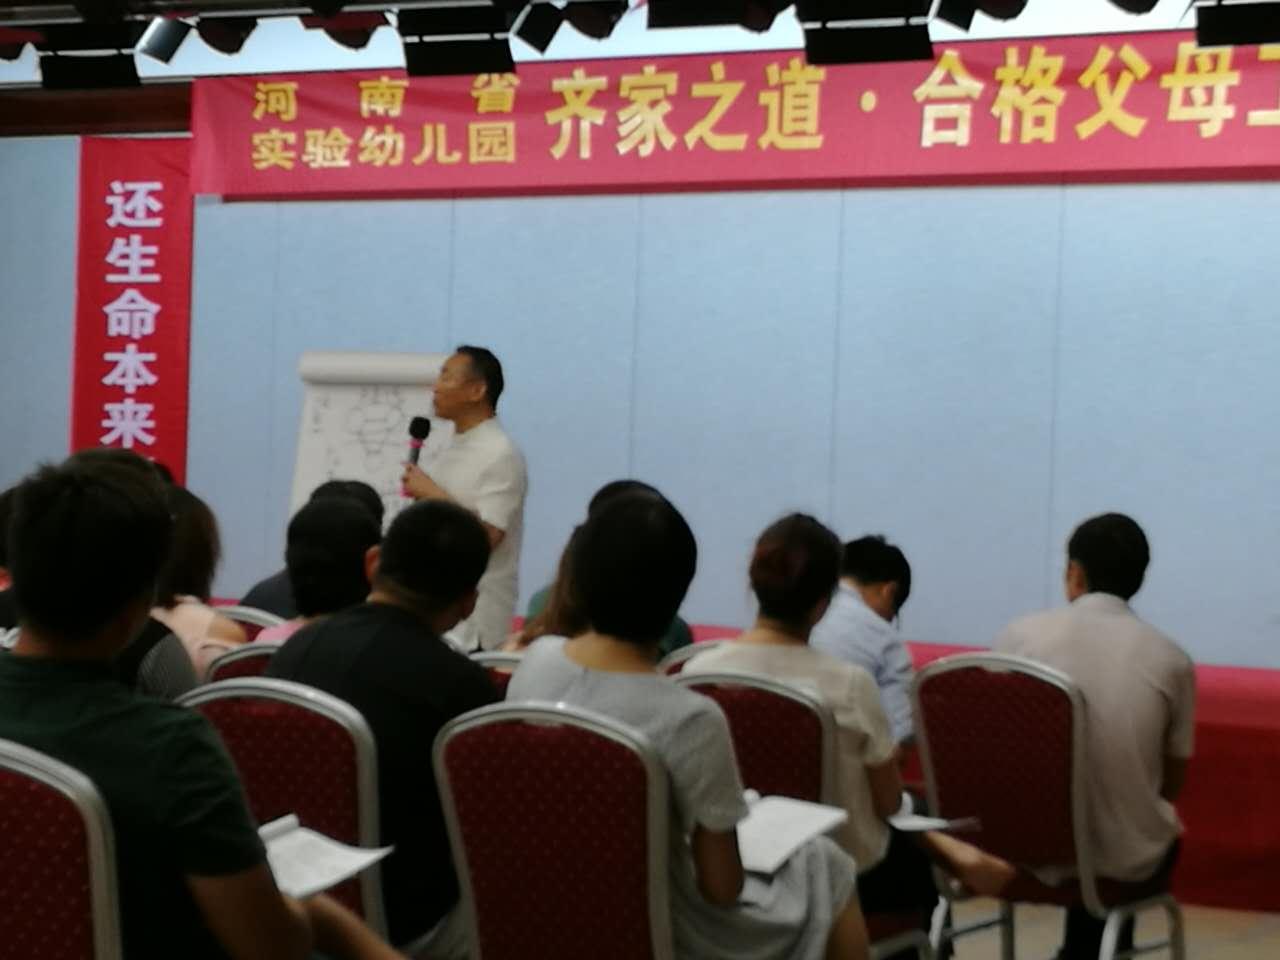 2016-2017年度《齐家之道——合格父母工作坊》河南省实验幼儿园专场第三期课程回顾